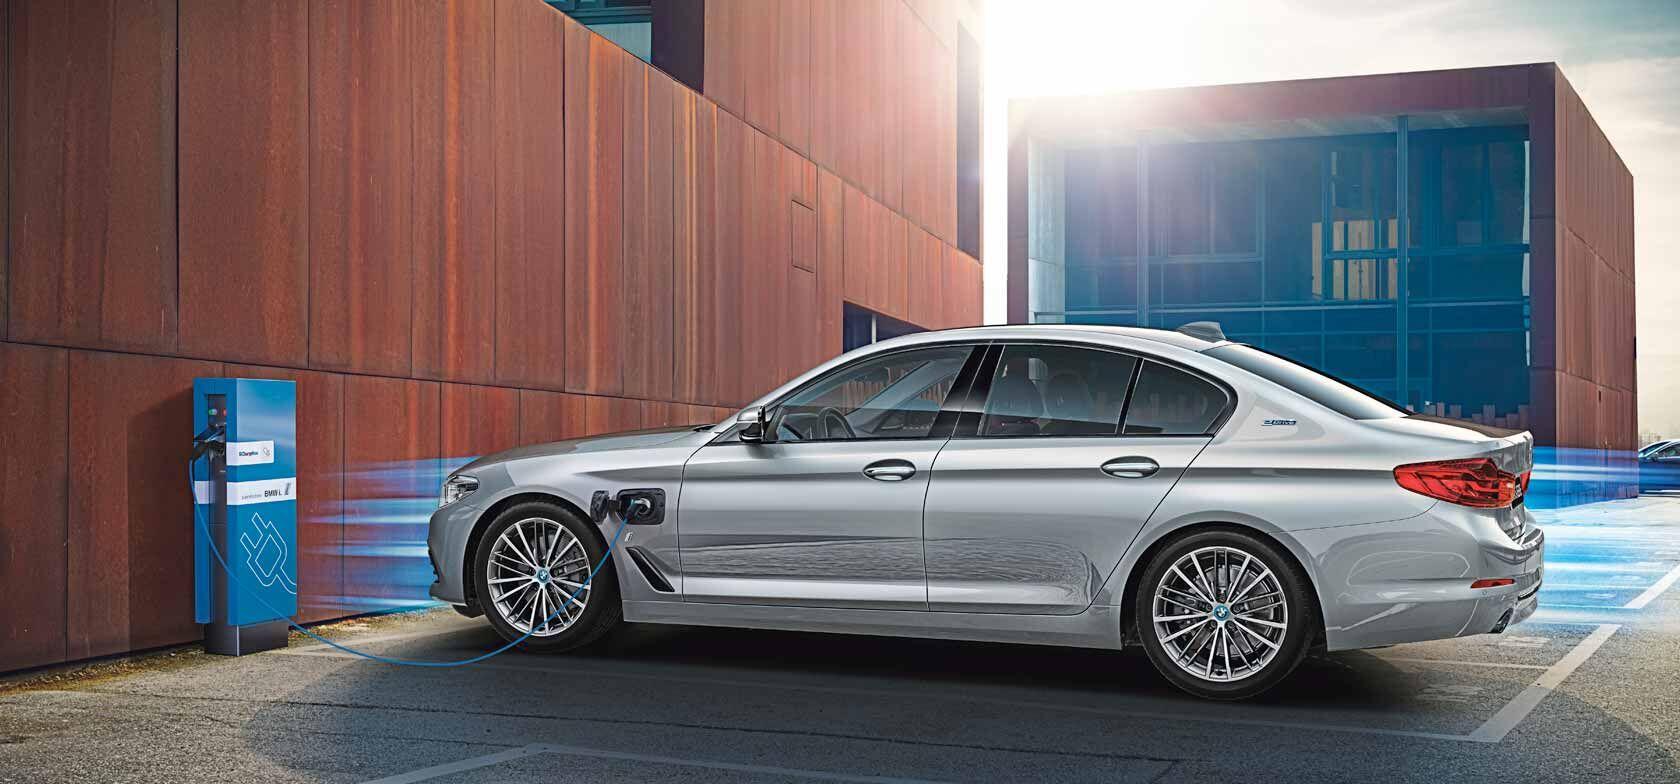 Sähköistävän epäsovinnainen BMW 530e Plug-in hybrid